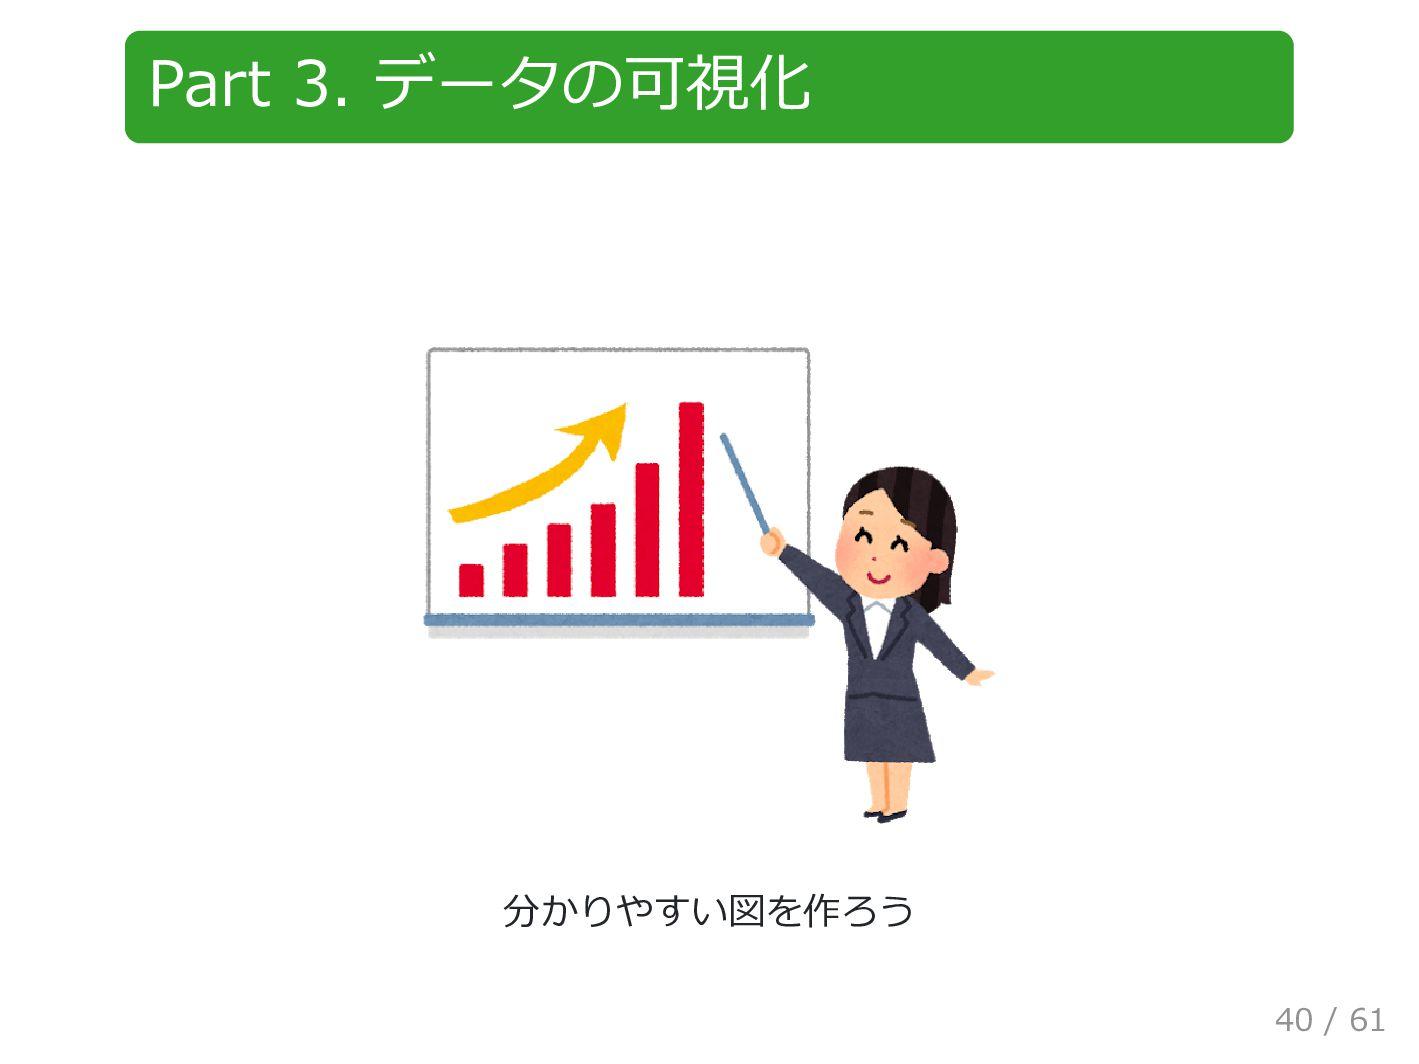 Part 3. データの可視化 分かりやすい図を作ろう 40 / 61